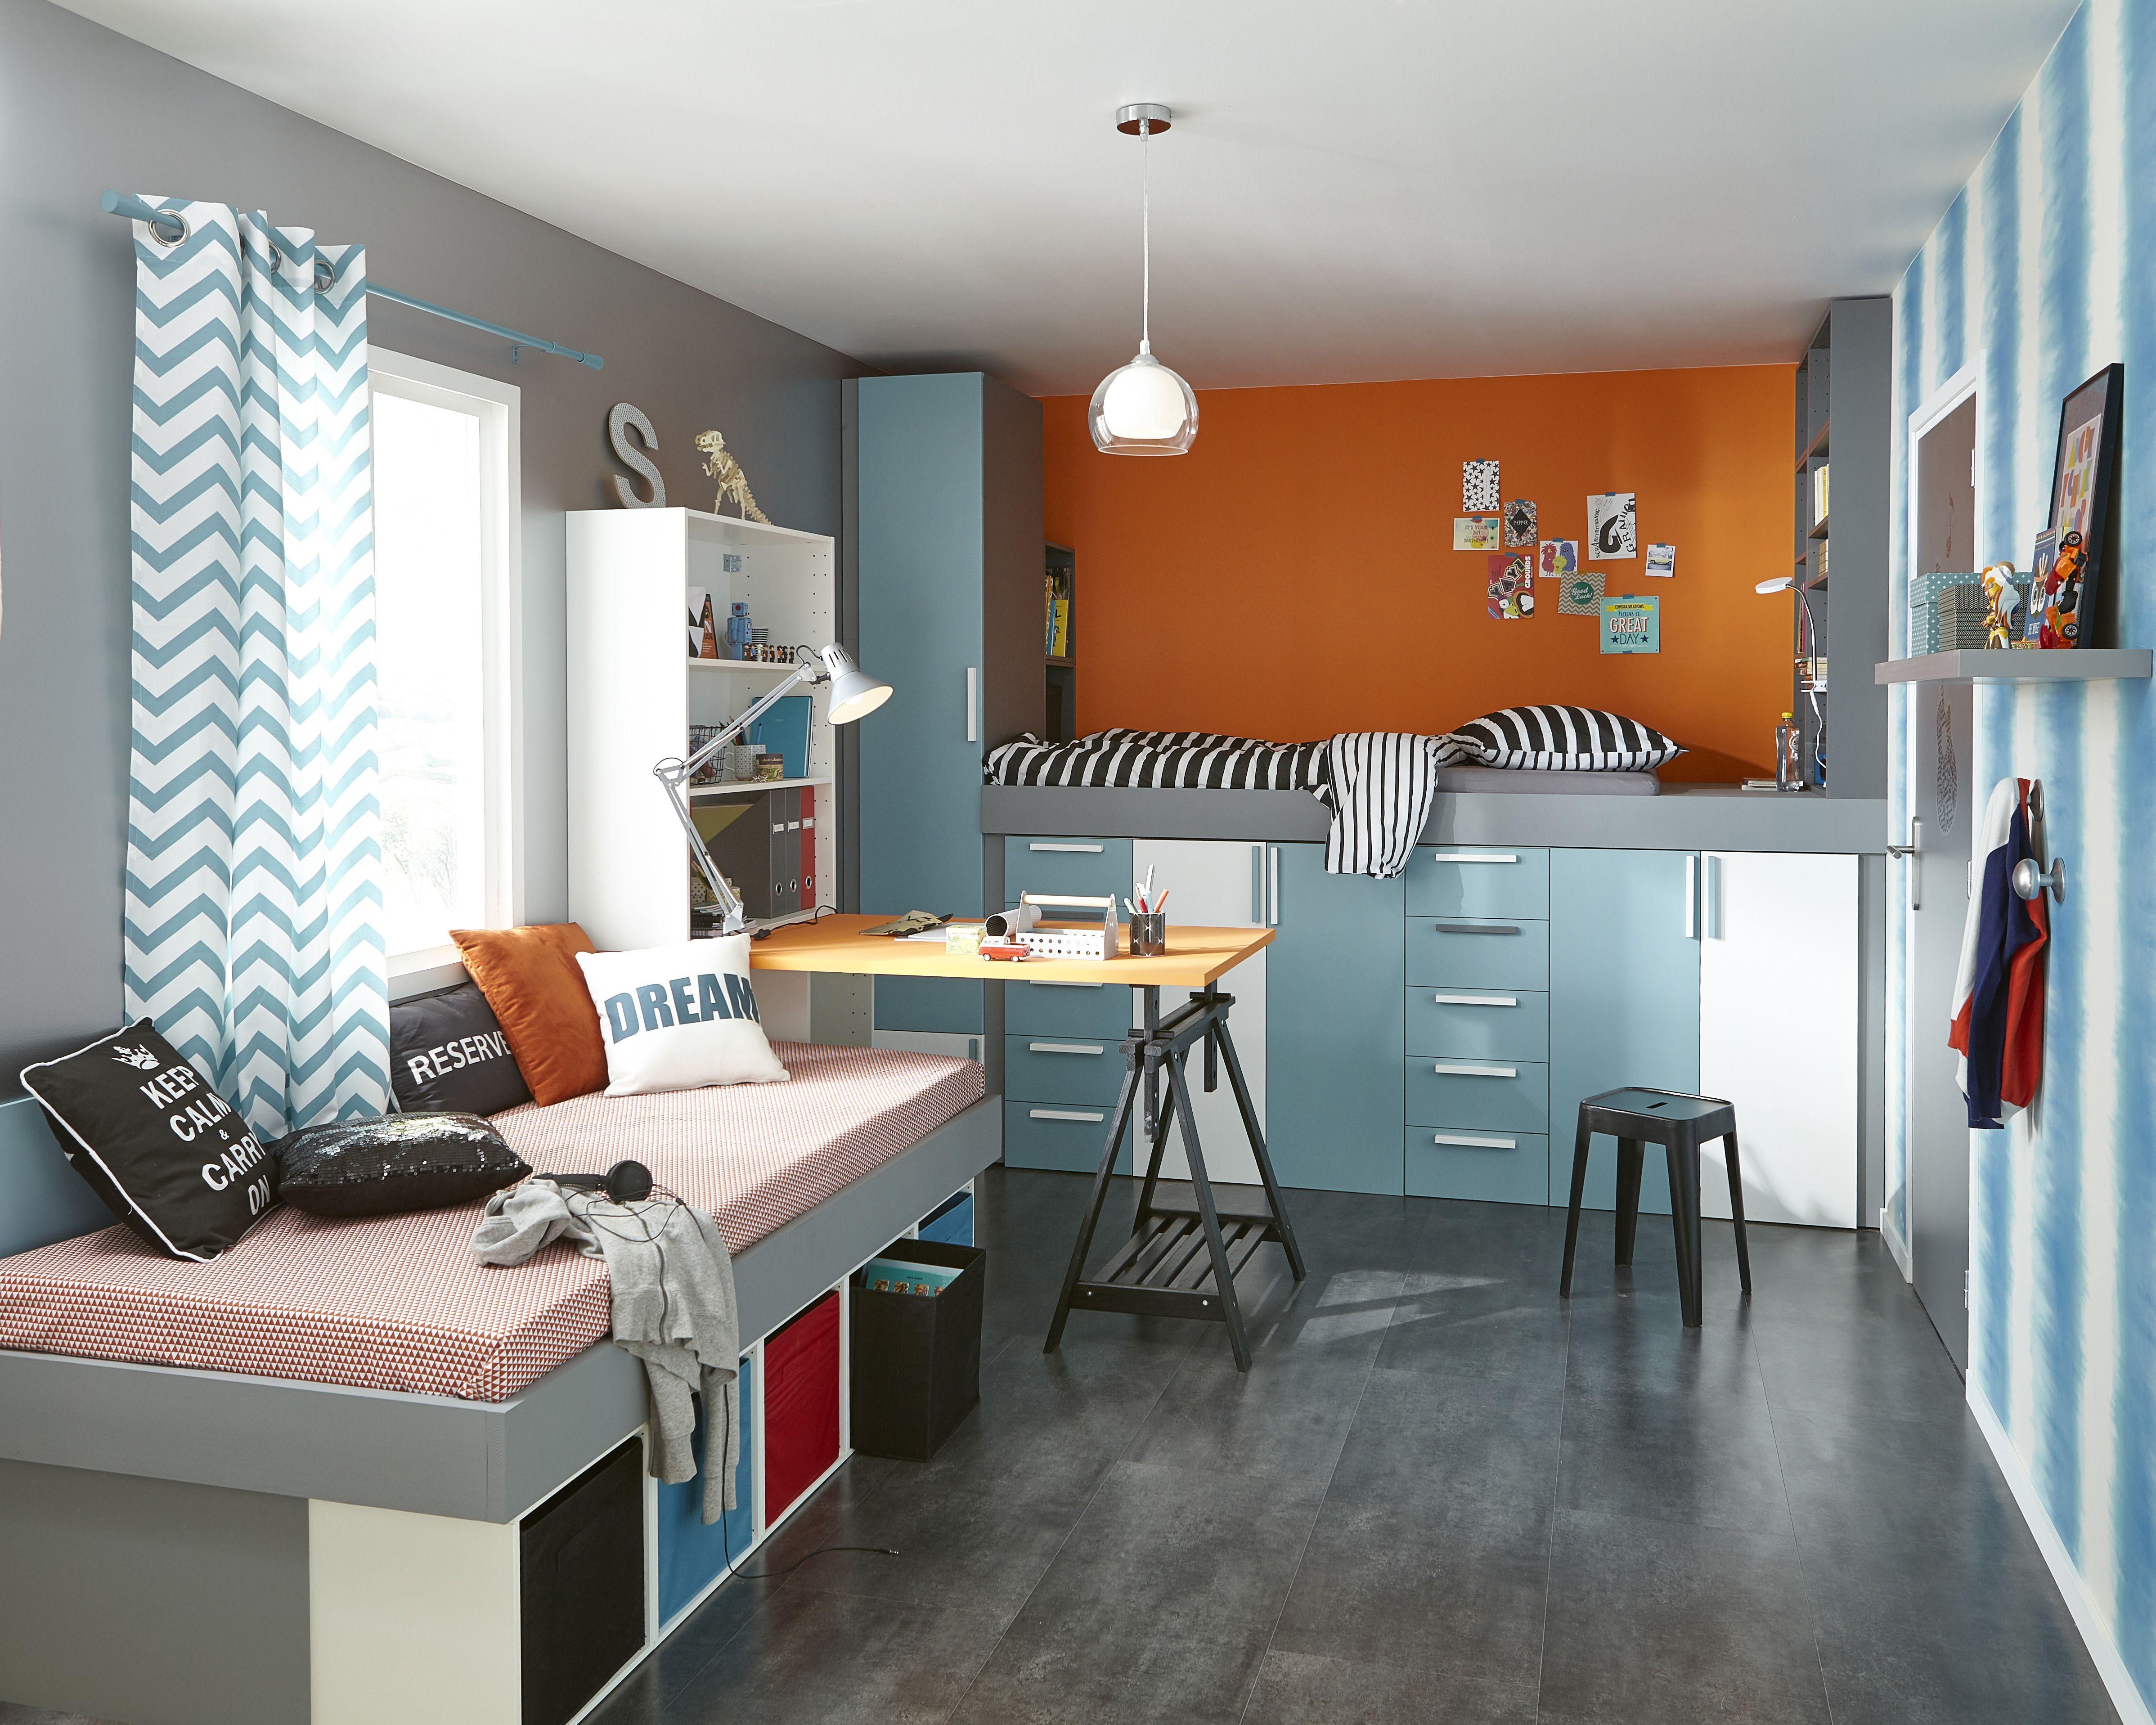 Une chambre d ado colorée pour des rªves apaisés Adoptez le